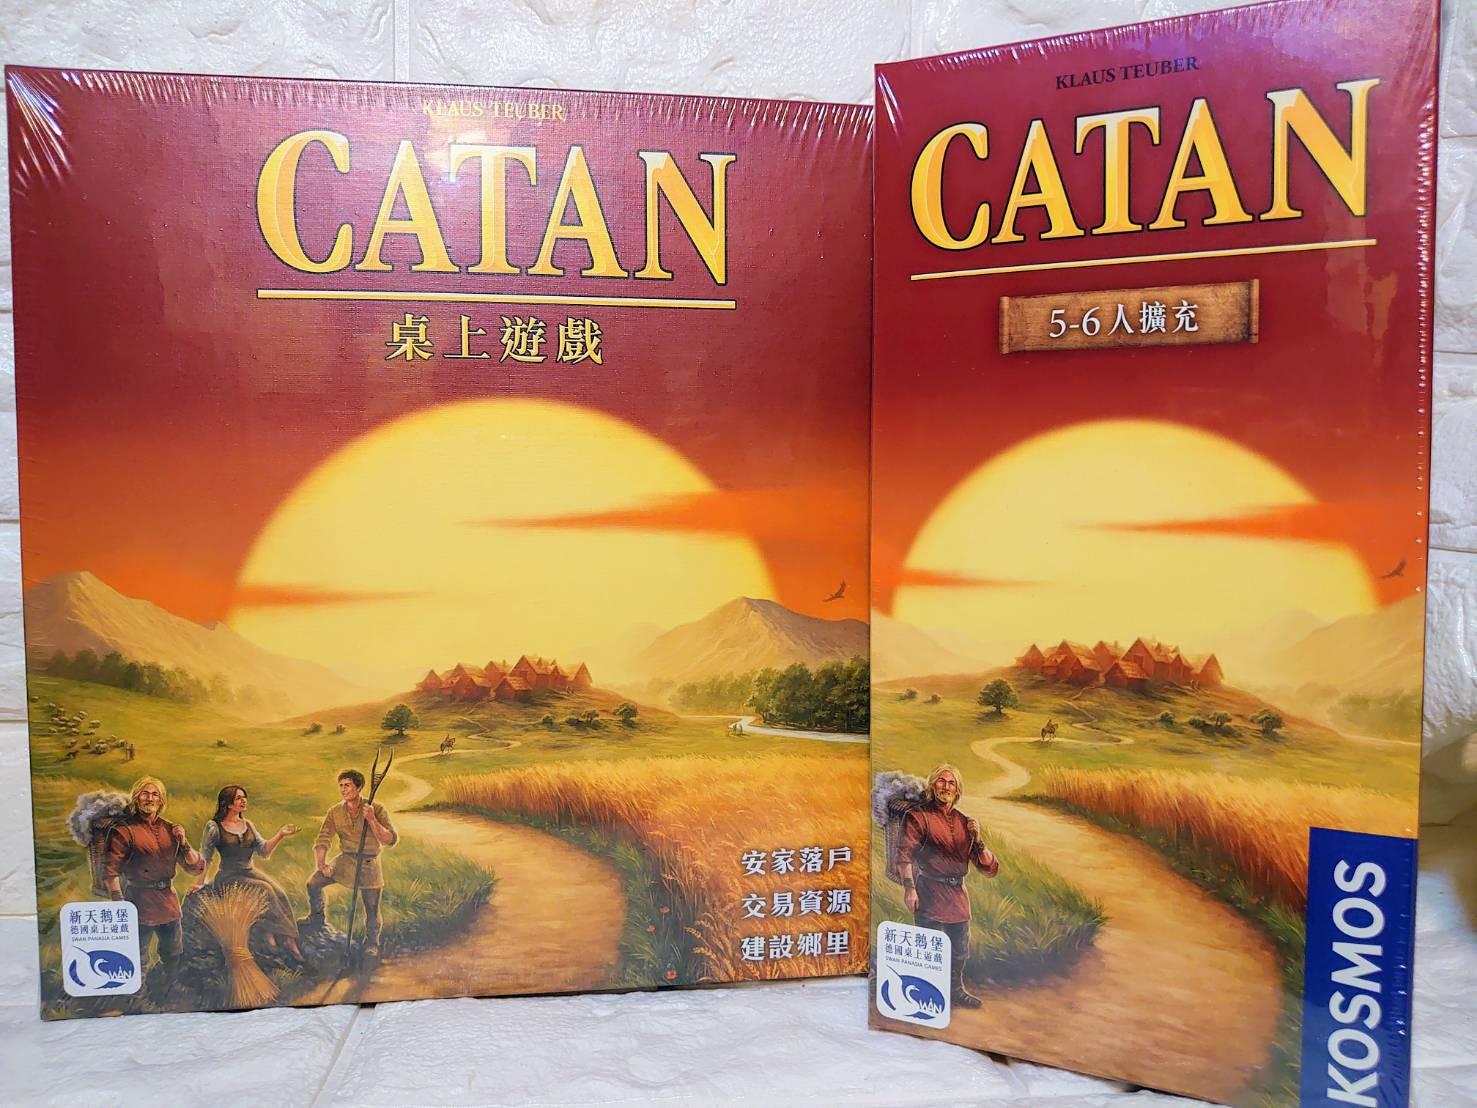 〈正版〉卡坦島 + 5~6人 擴充 合輯 CATAN + CATAN 5-6 PLAYERS EX.